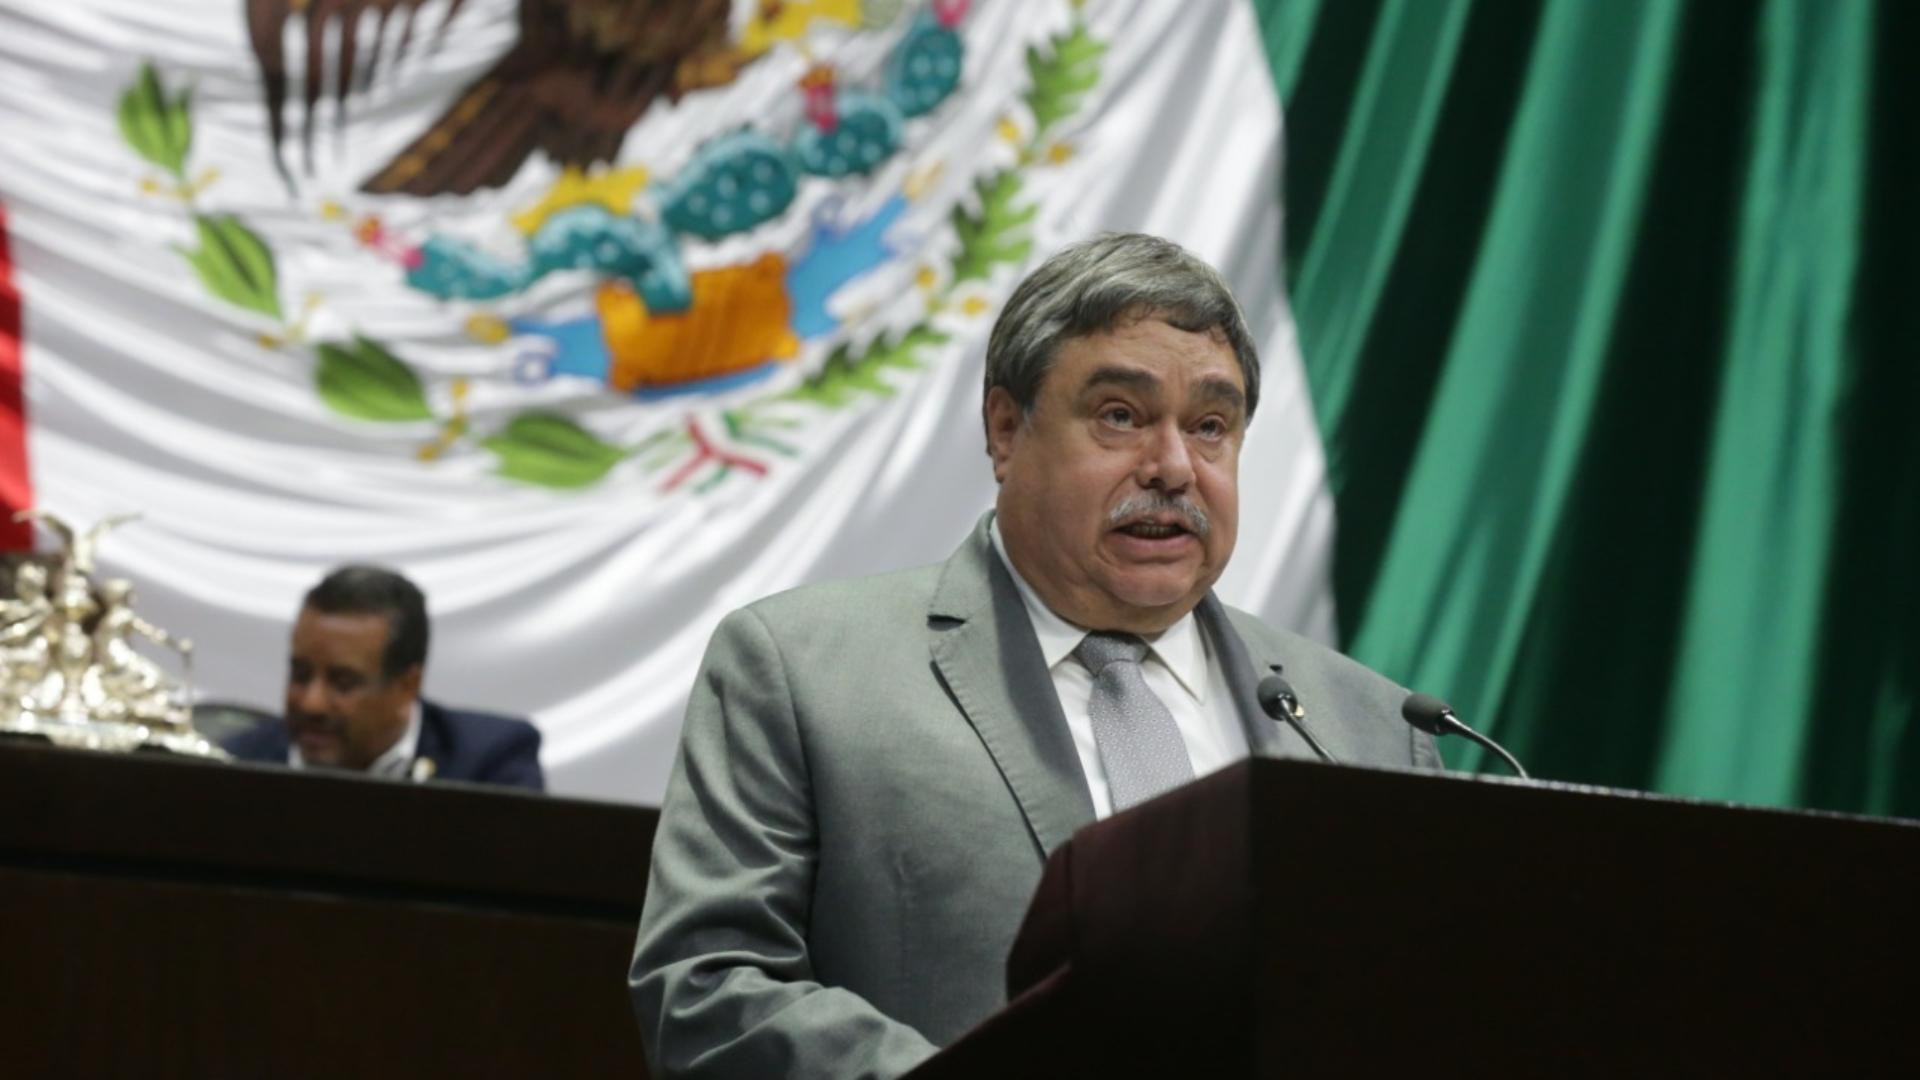 El diputado Carlos Pavón Campos durante su intervención de este jueves en la Cámara de Diputados (Foto: Cortesía)